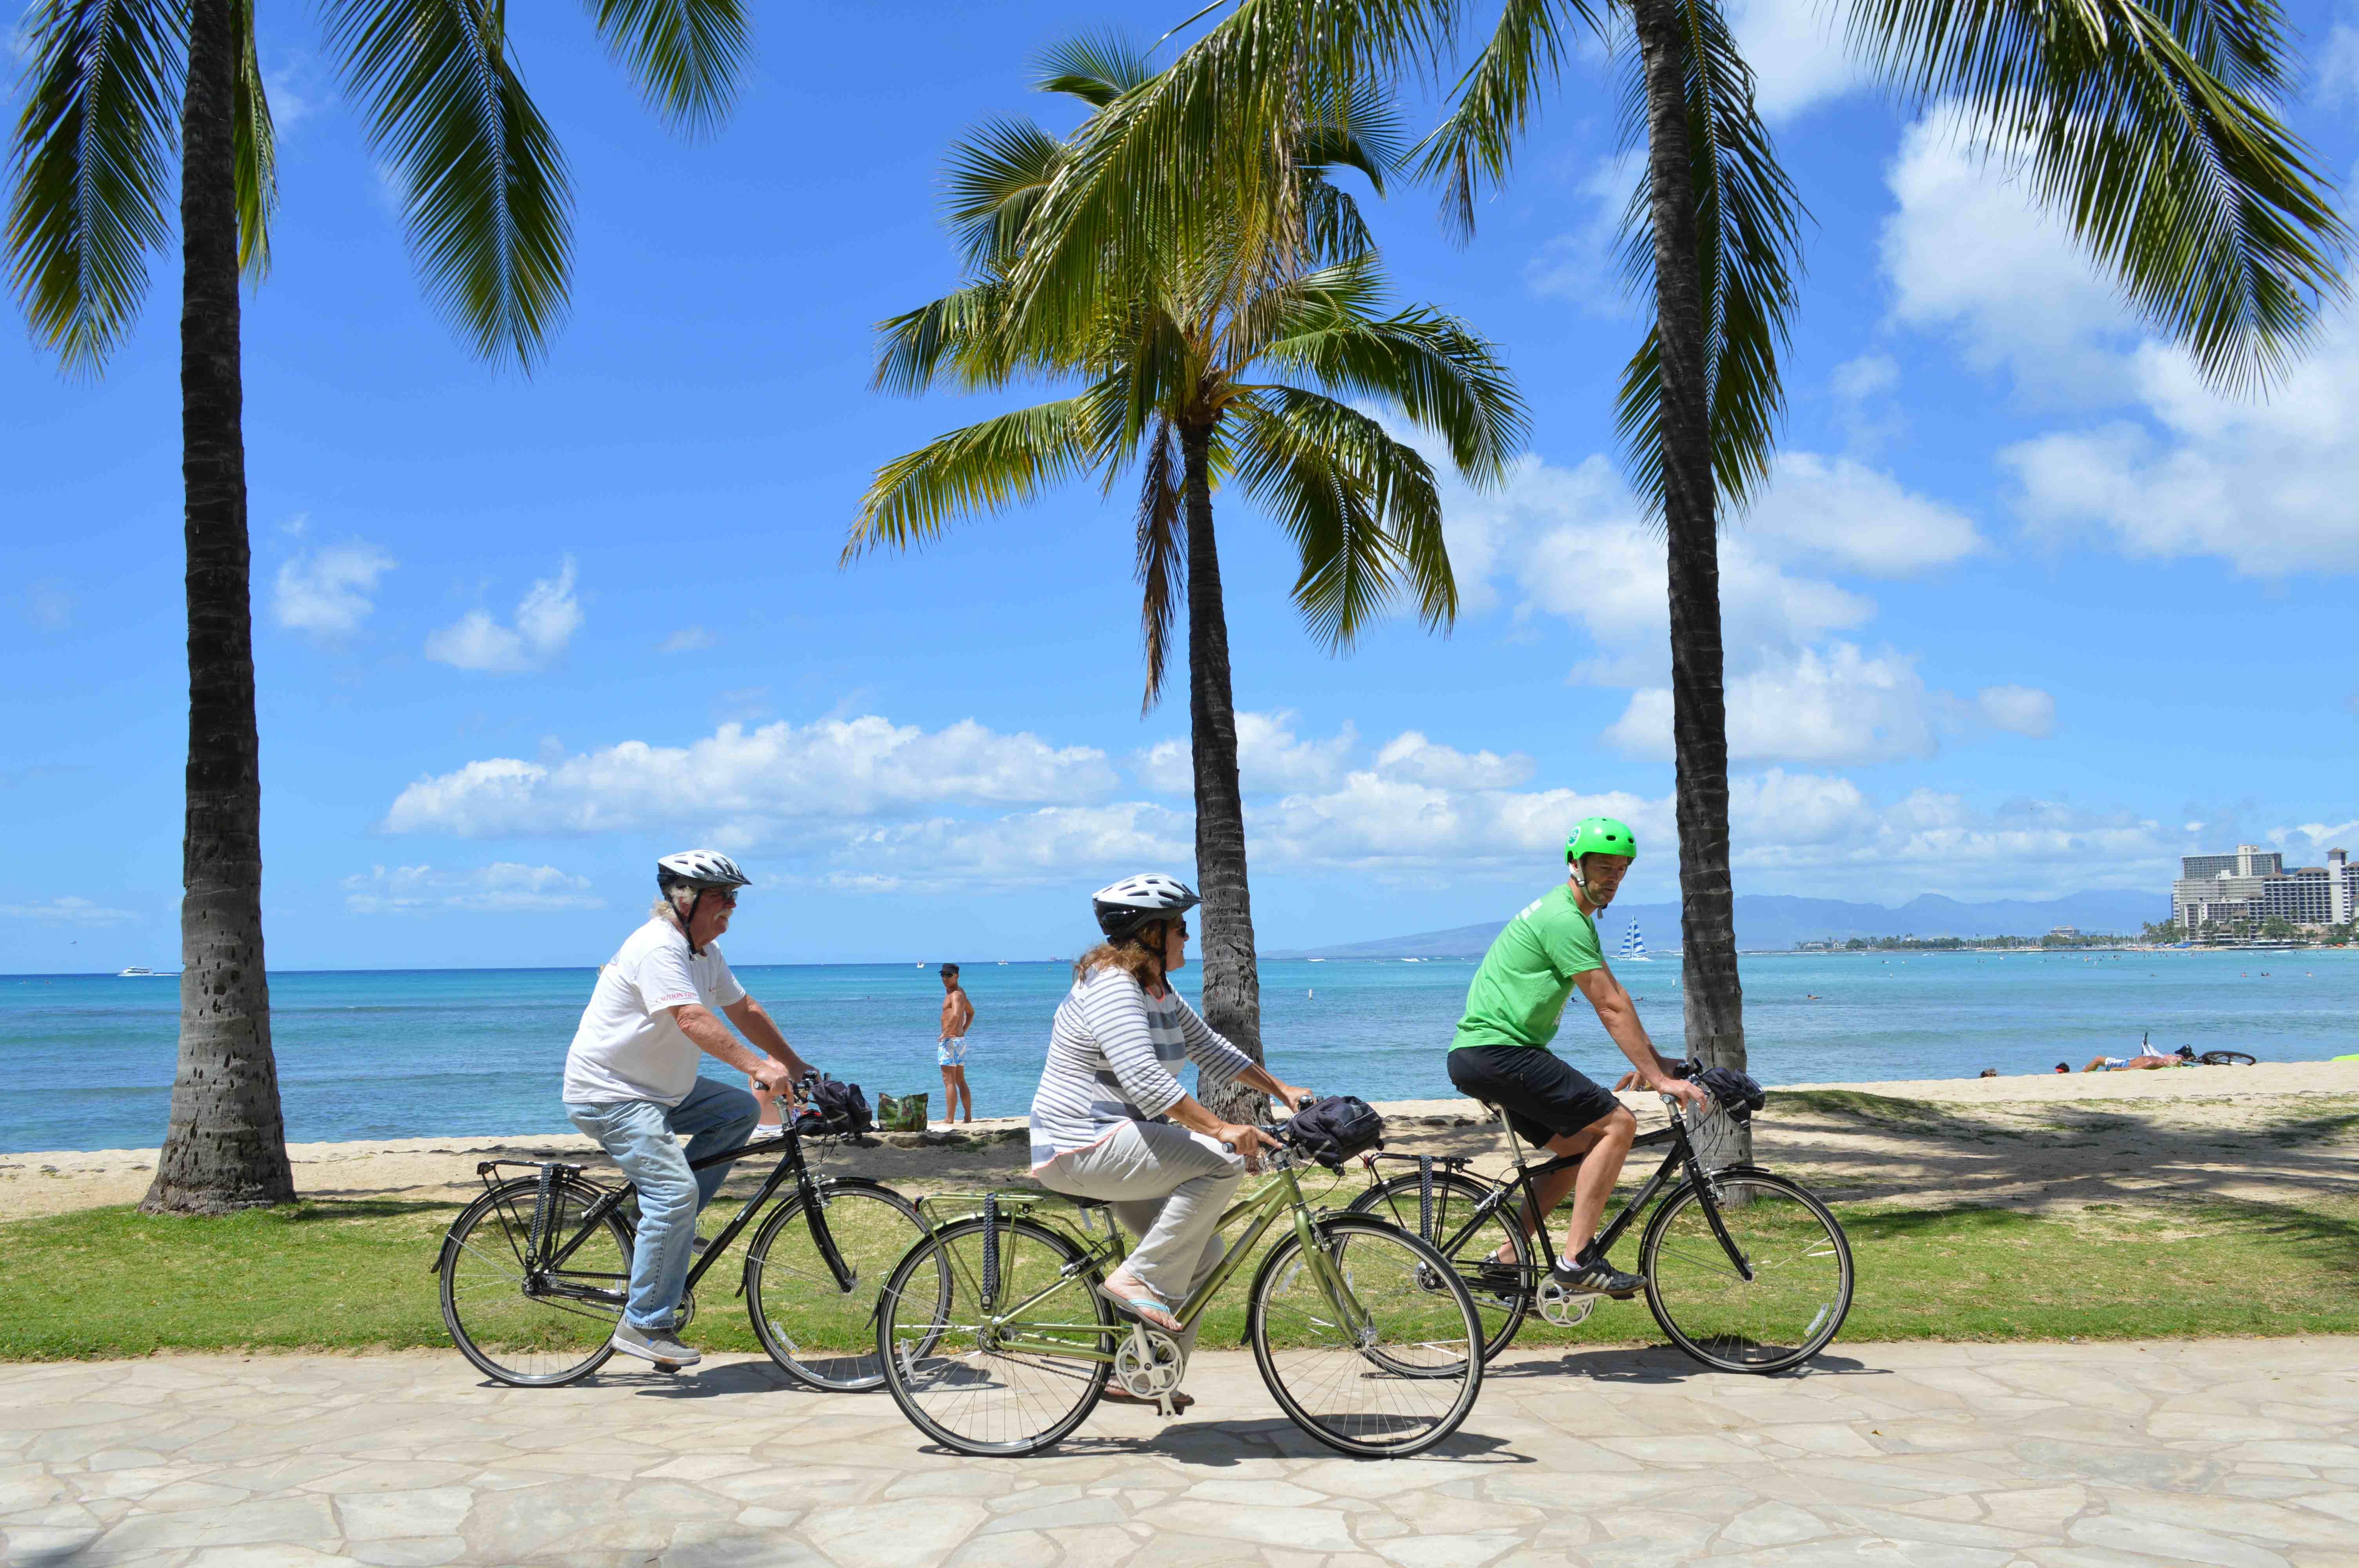 _Waikiki Riders